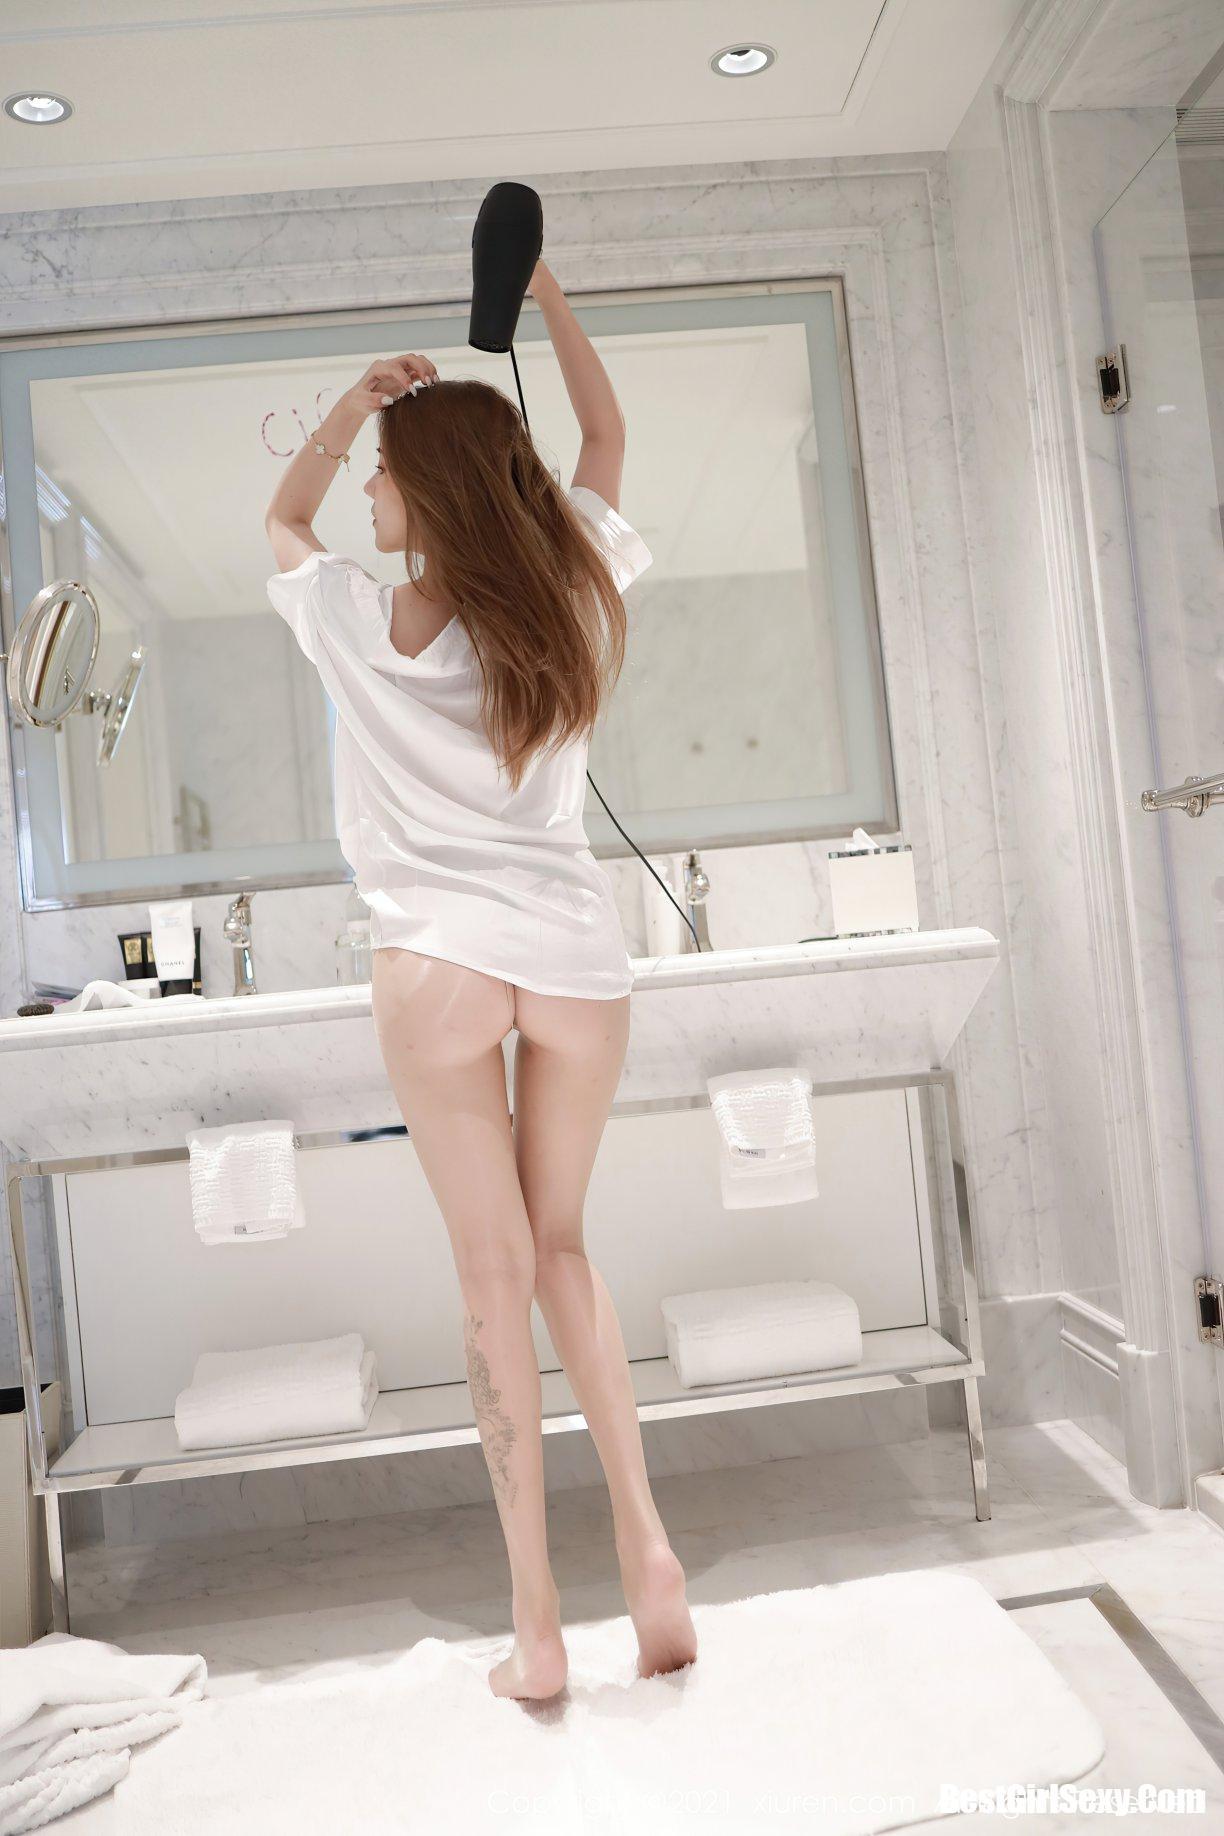 夏西CiCi, XiuRen秀人网 No.3779 Xia Xi Ci Ci, XiuRen秀人网 No.3779, Xia Xi Ci Ci